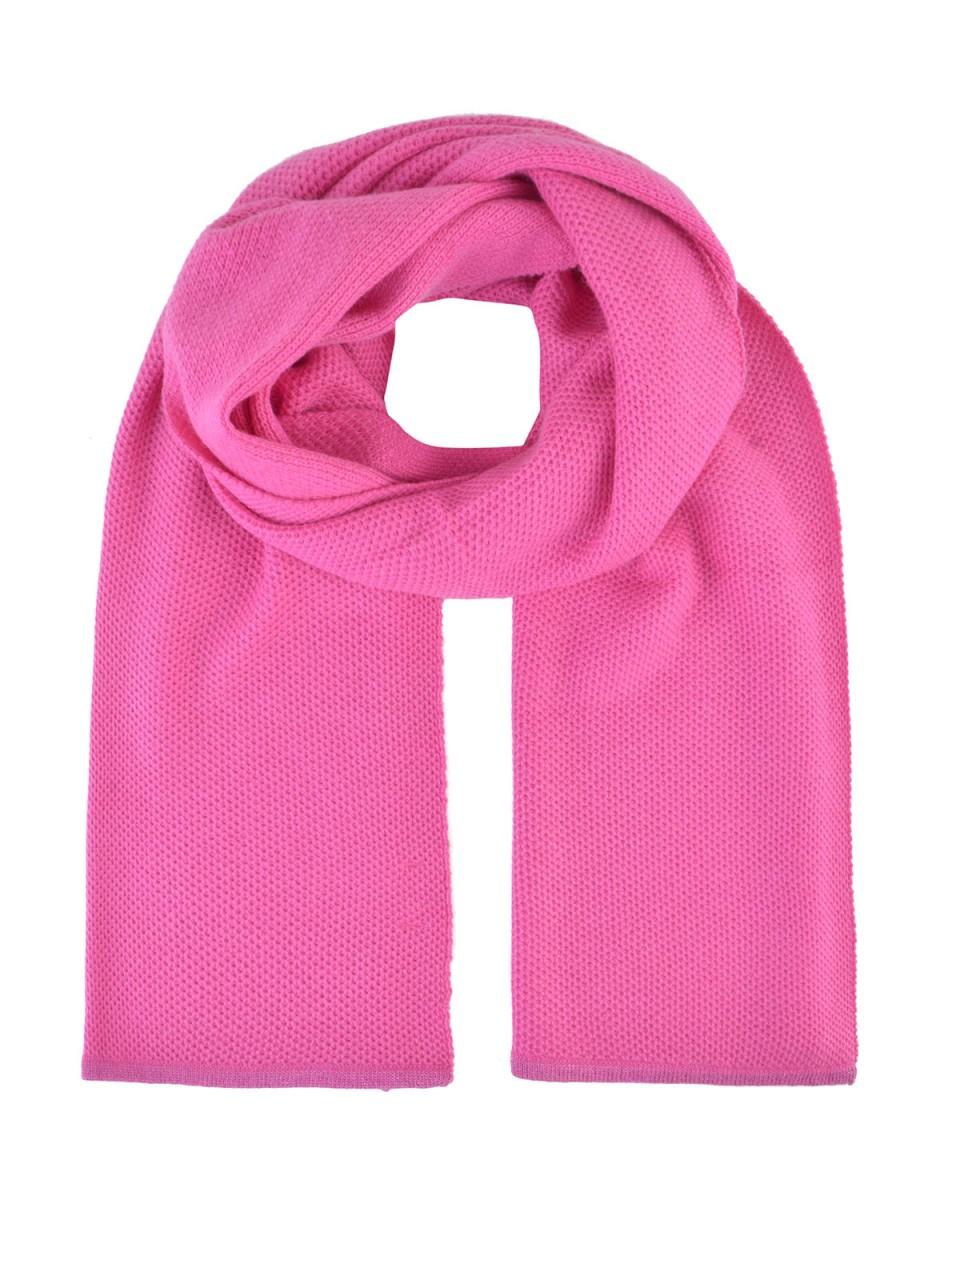 Schals - MILANO ITALY Schal mit Kaschmiranteil, pink  - Onlineshop Designermode.com